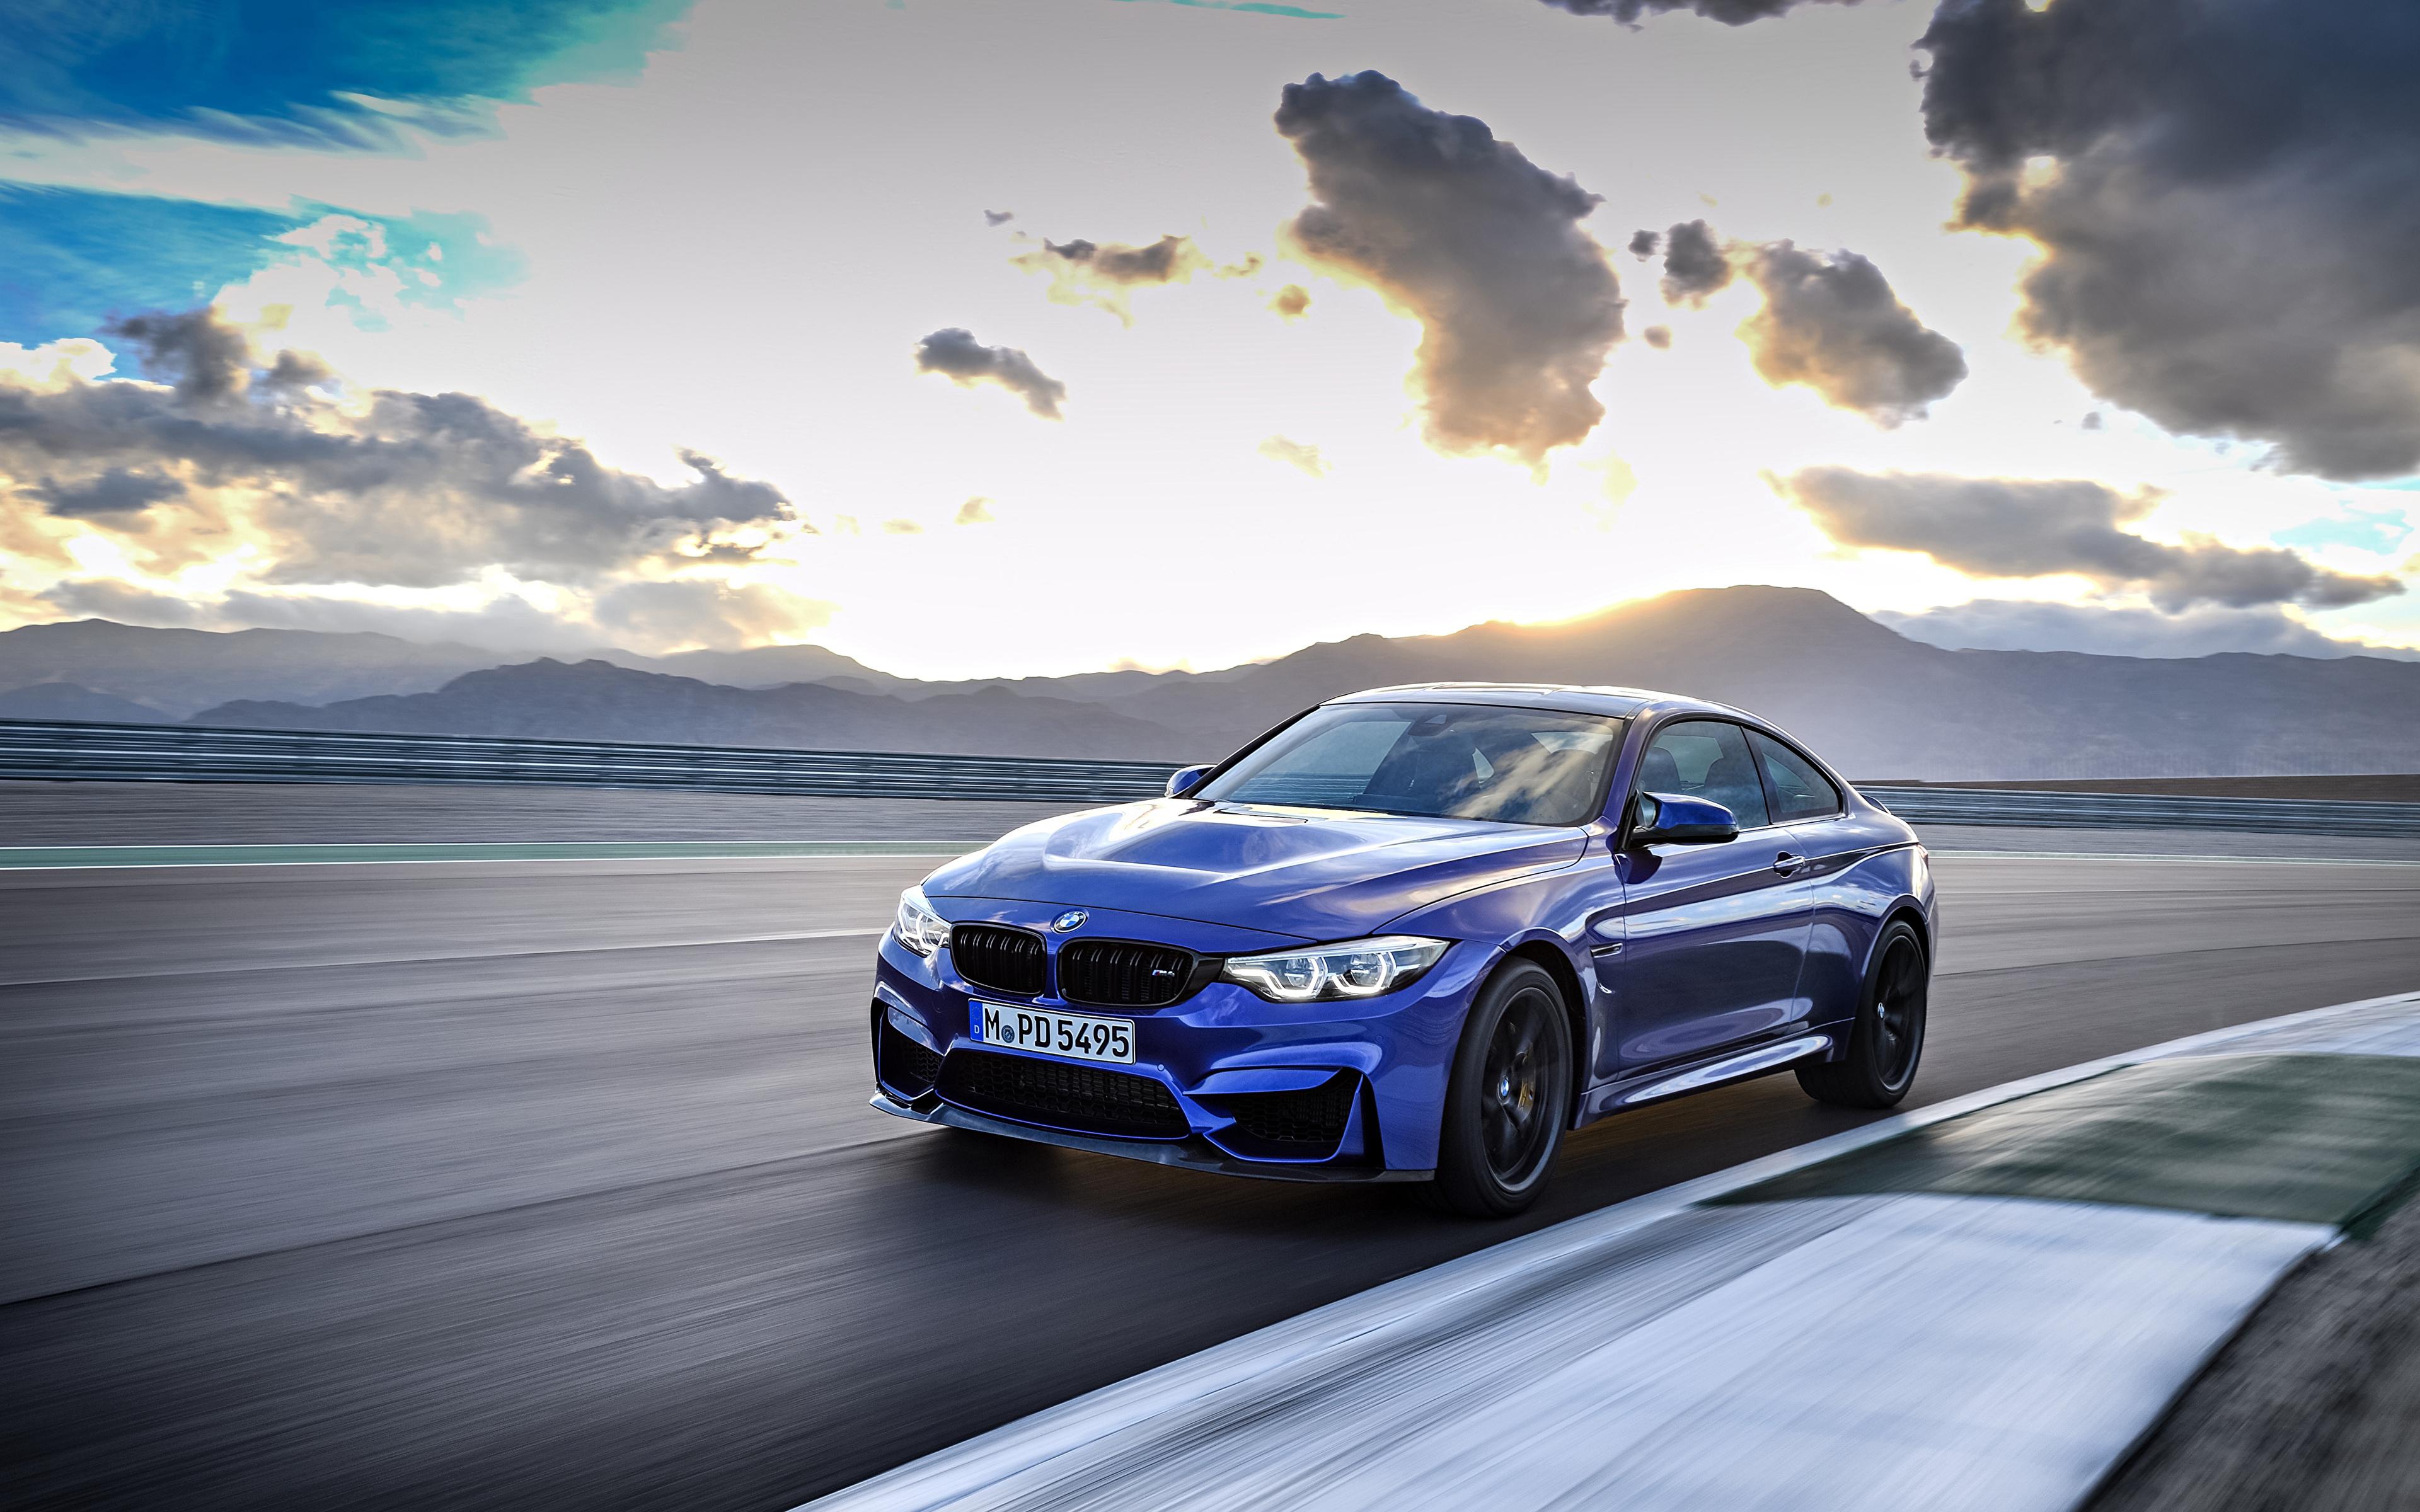 Картинки БМВ 2017 M4 CS Worldwide синие едущий Металлик Автомобили 3840x2400 BMW синих Синий синяя едет едущая скорость Движение авто машина машины автомобиль